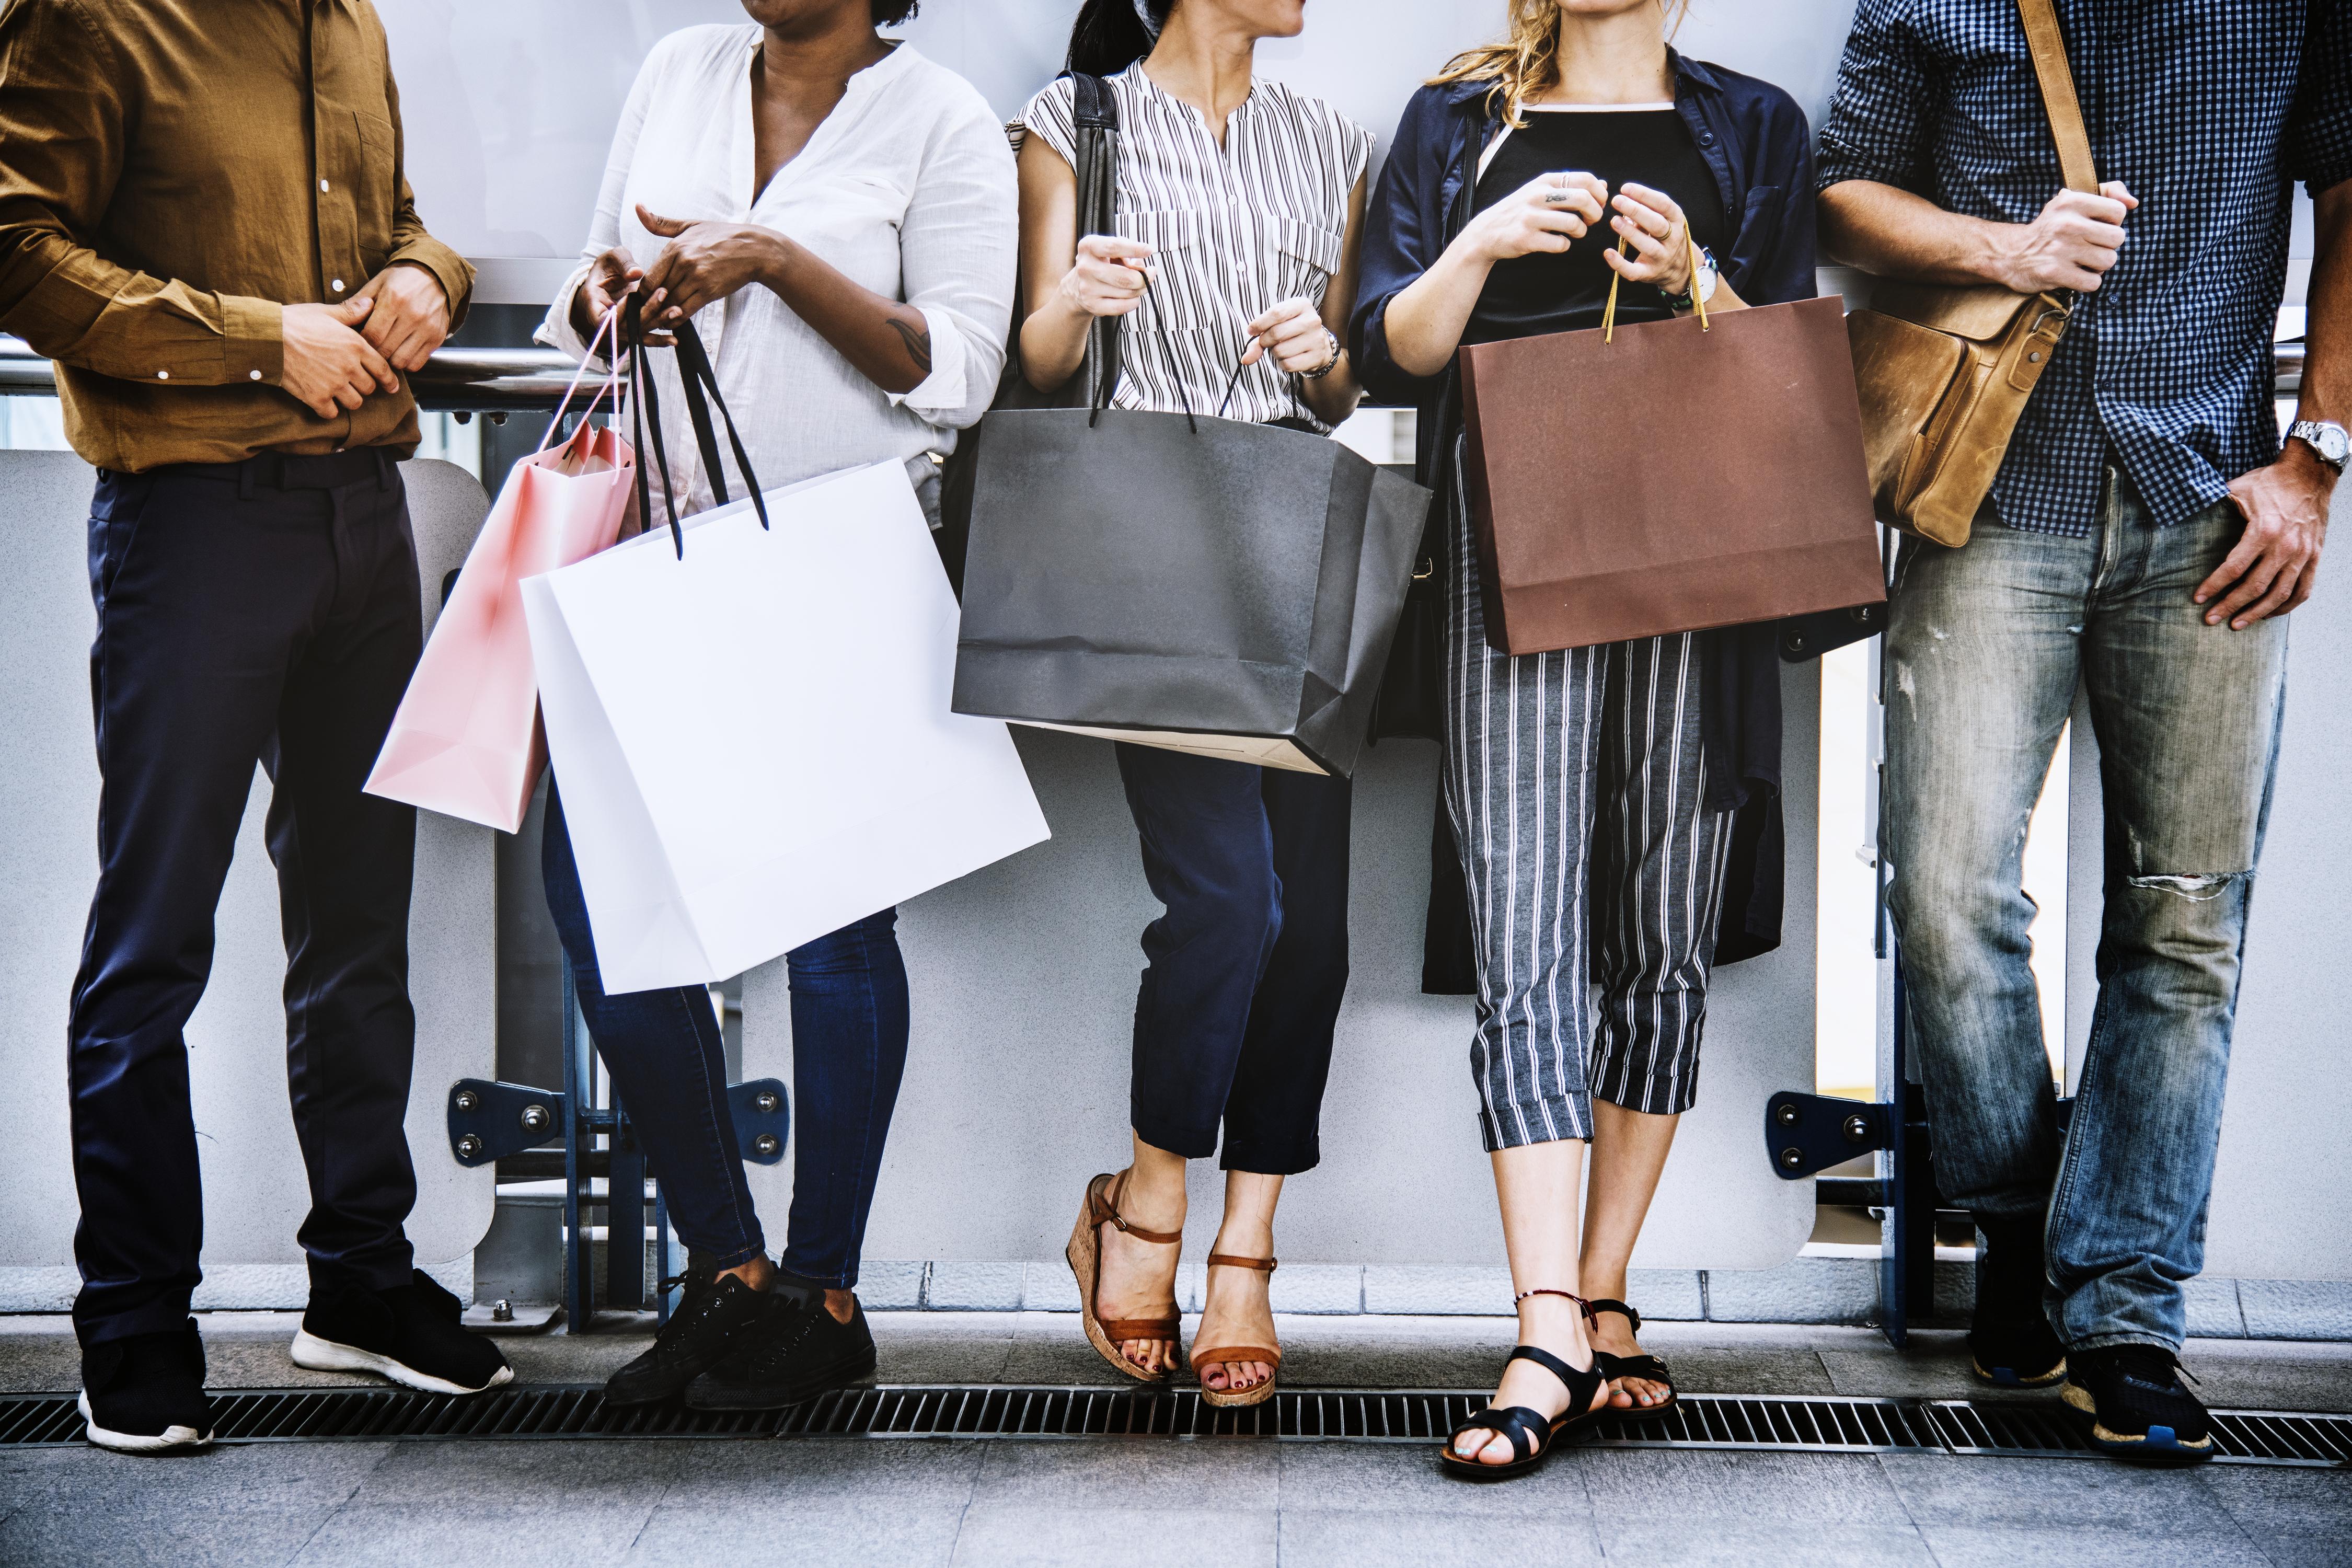 【書評】(後編) 買い物ゼロ秒時代の未来地図 2025年、人は「買い物」をしなくなる〈生活者編〉【スタッフブログ】